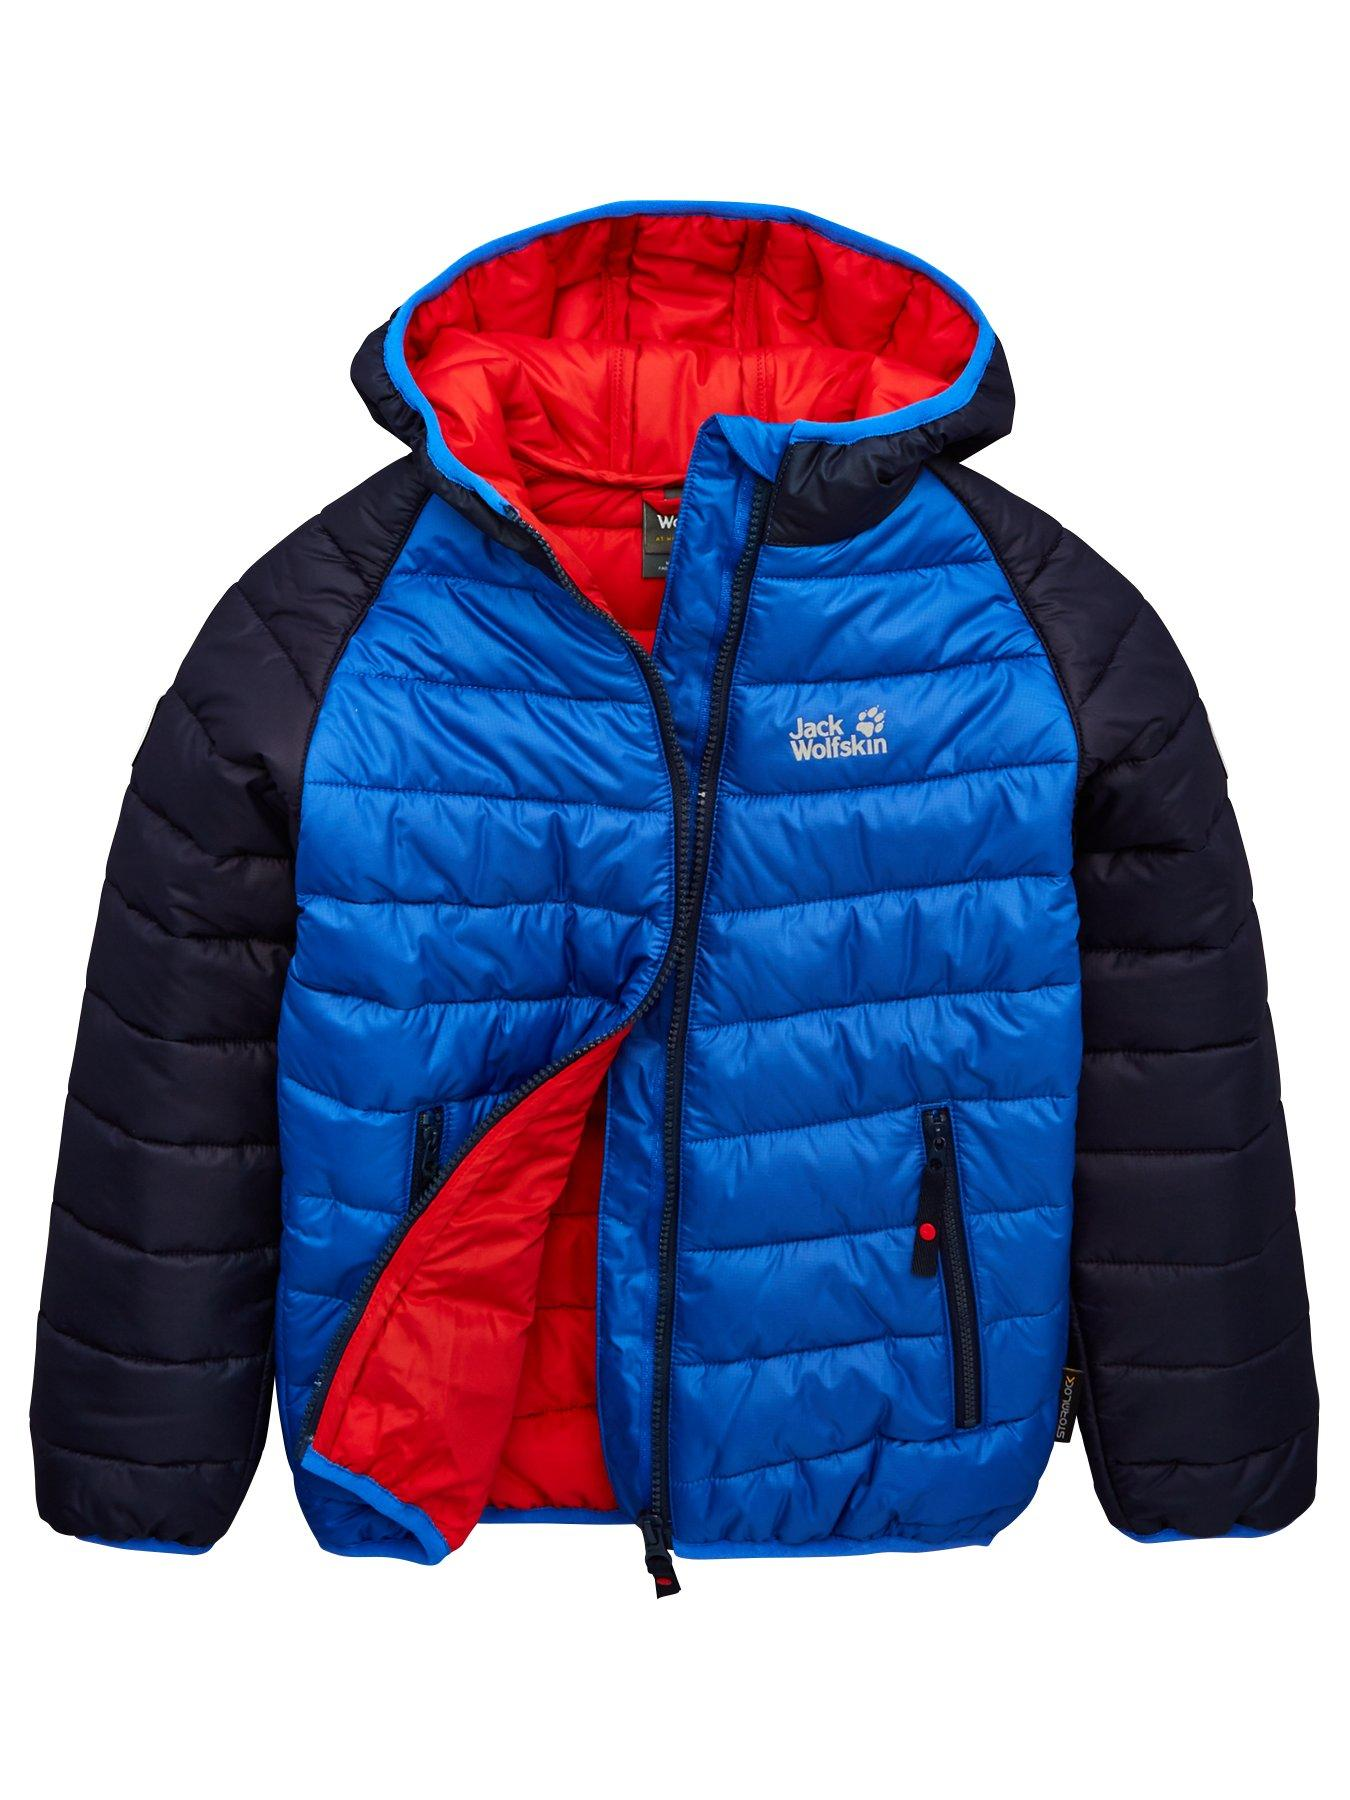 Jack Wolfskin Kids Zenon Jacket coastal blue ab € 67,24